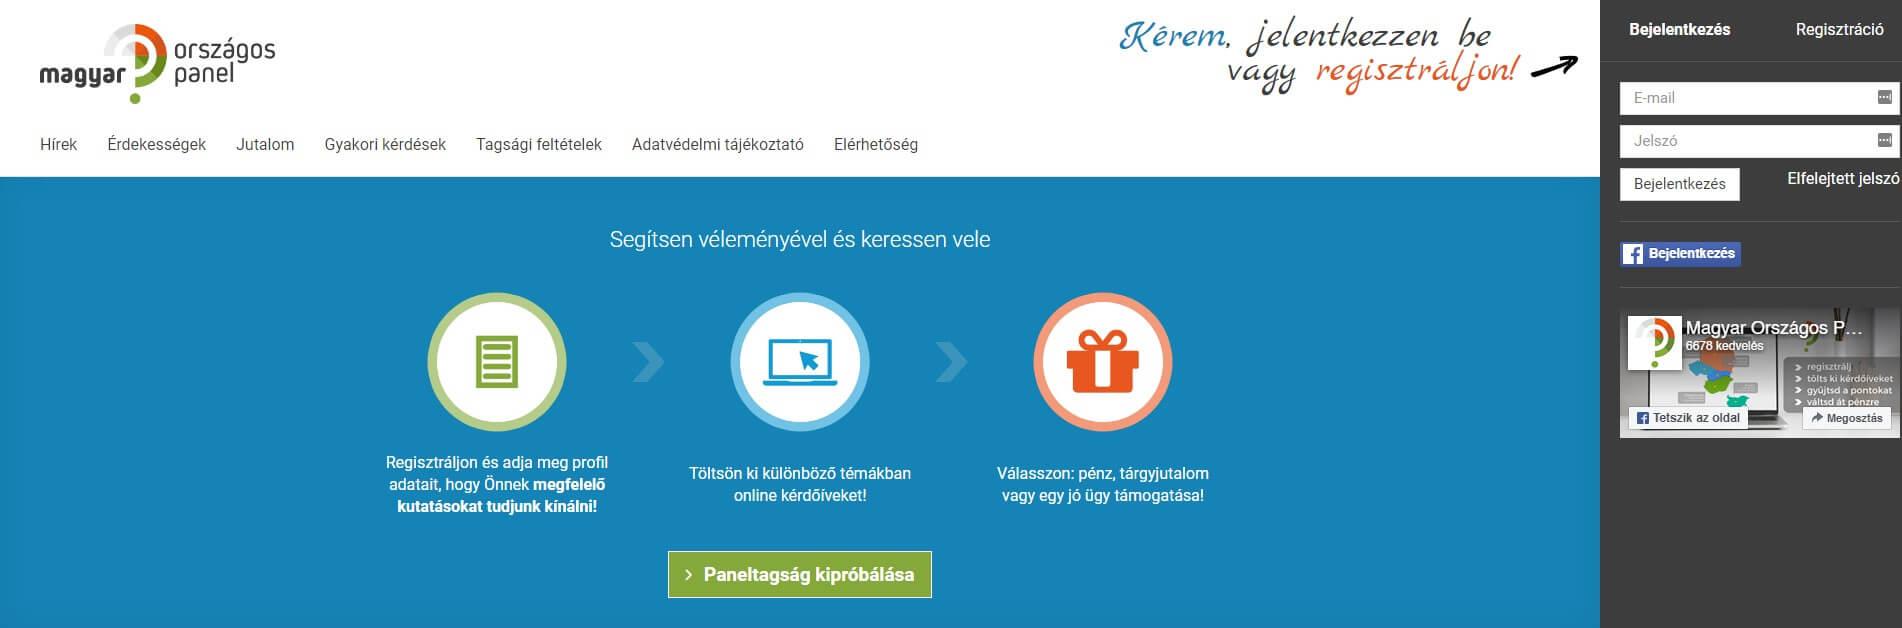 weboldal gyorsan pénzt keres független platform bináris opciókhoz